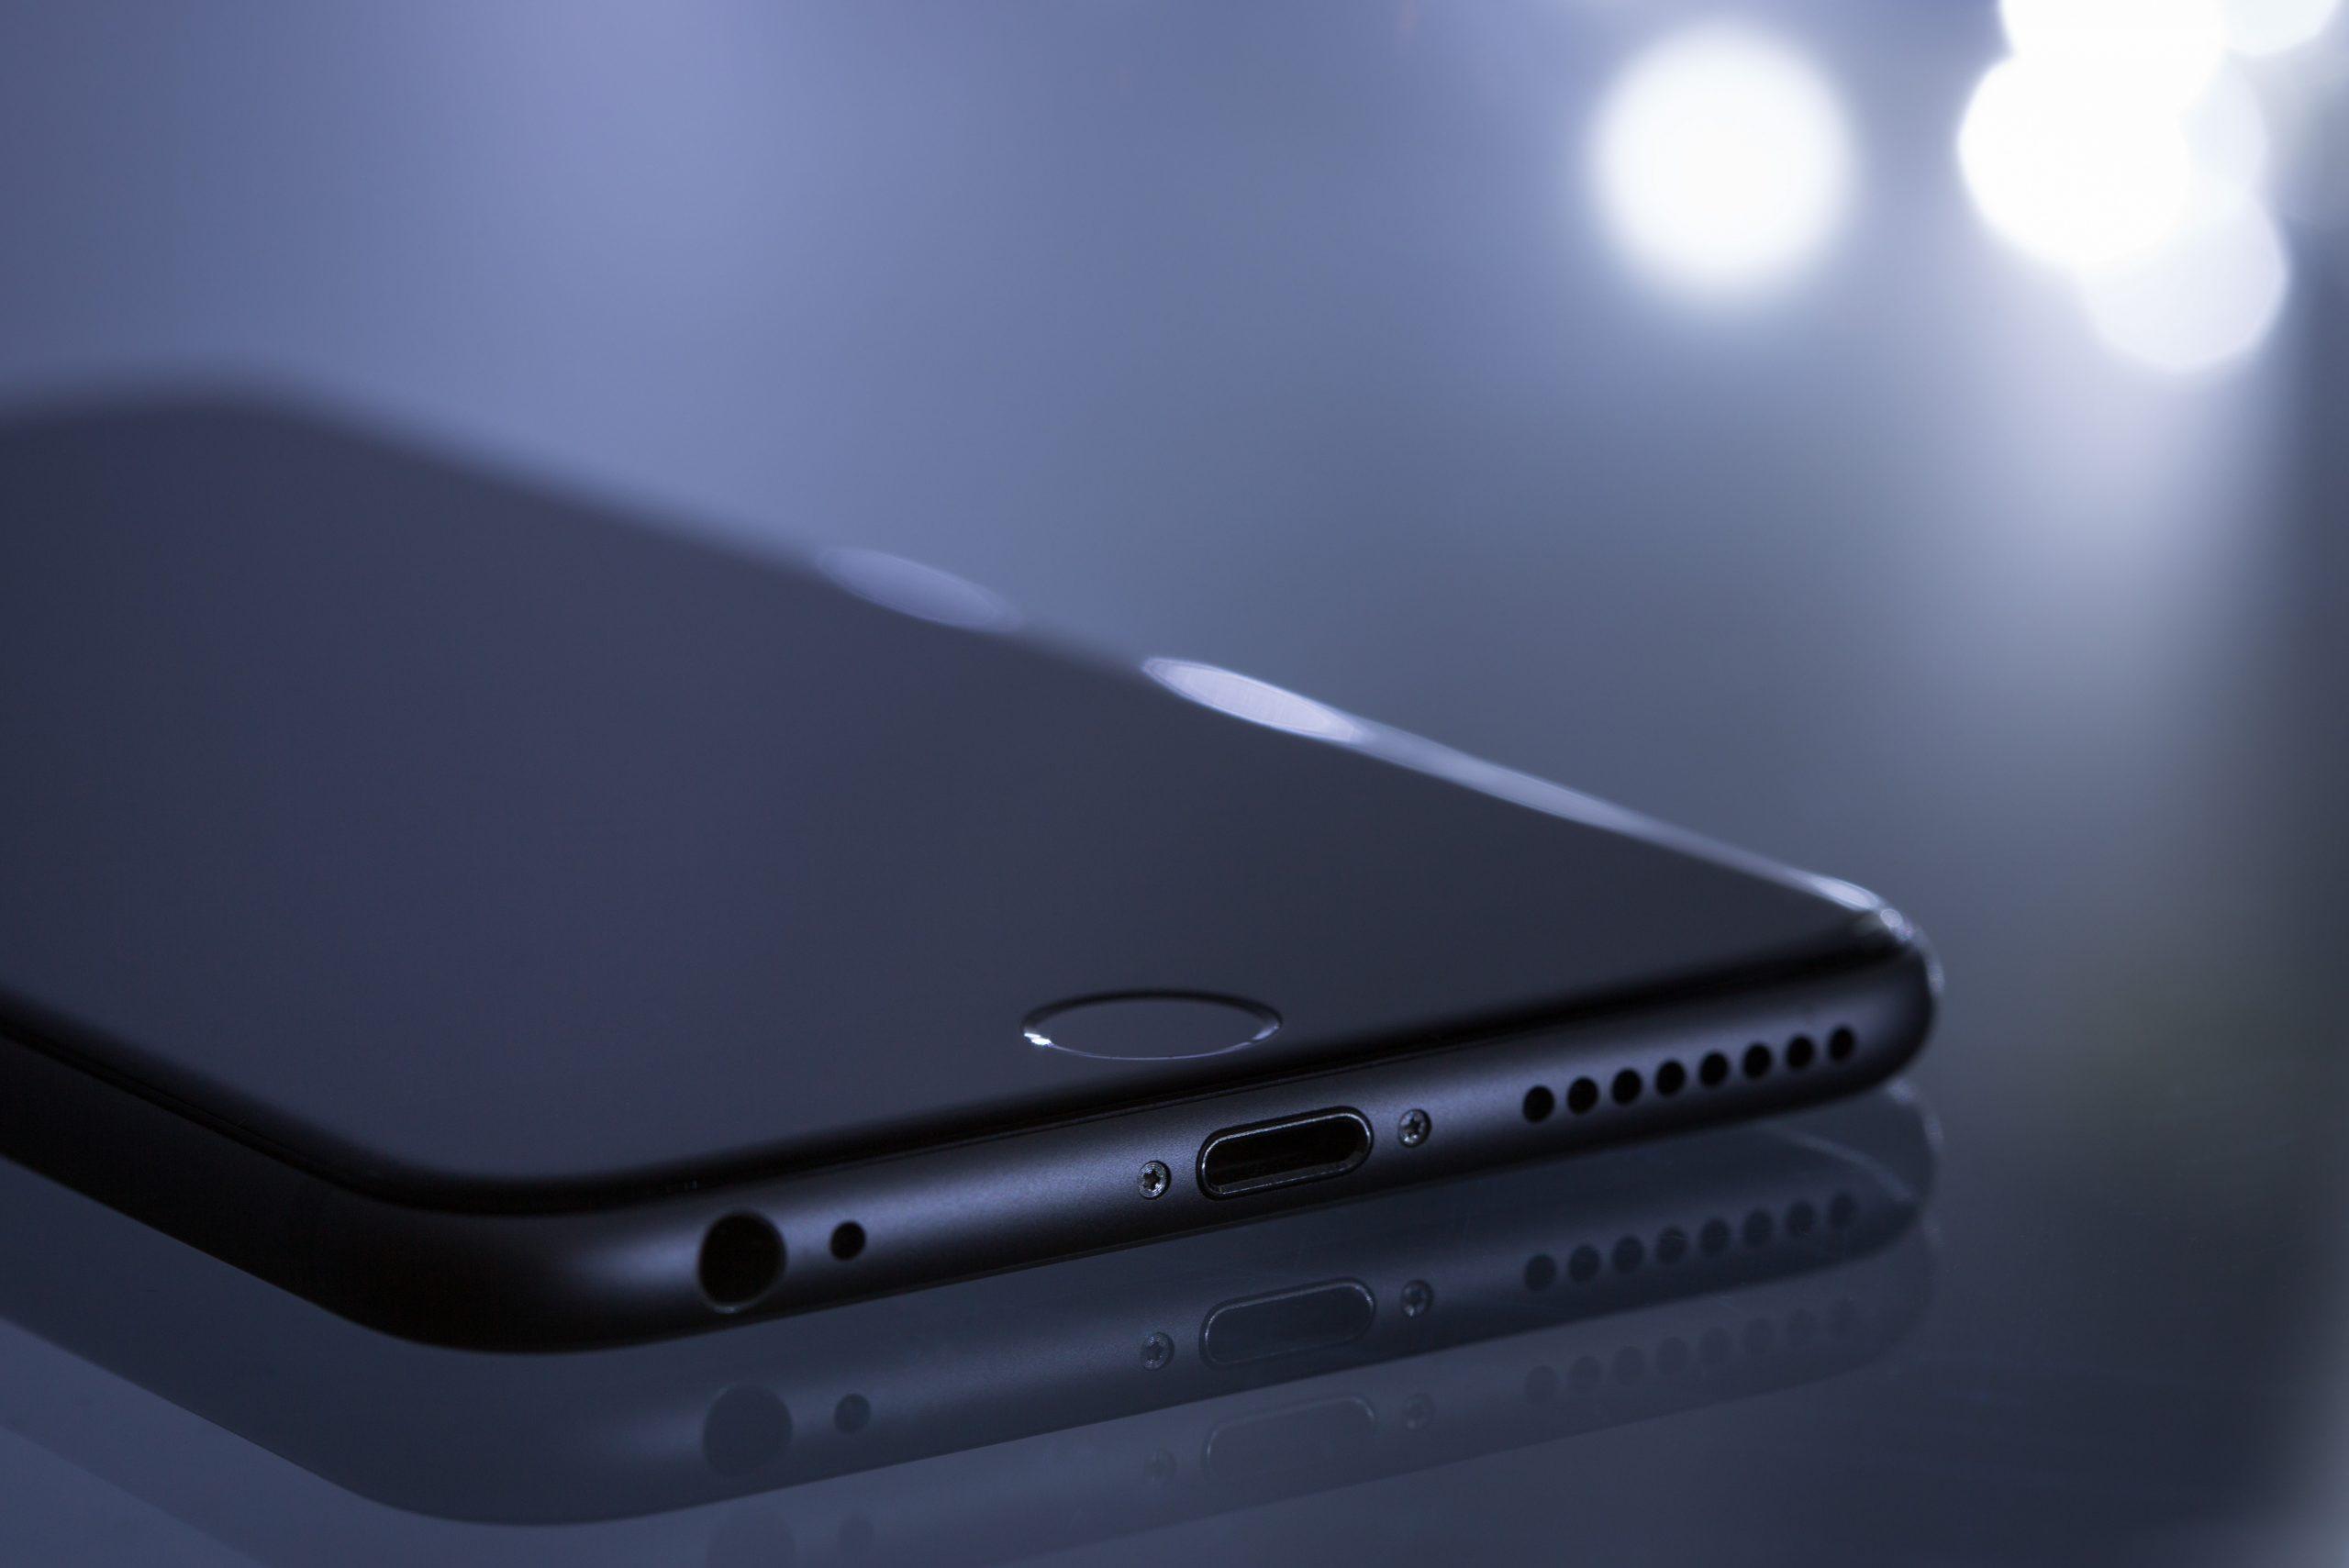 Trucos para que la batería de tu iPhone dure más tiempo